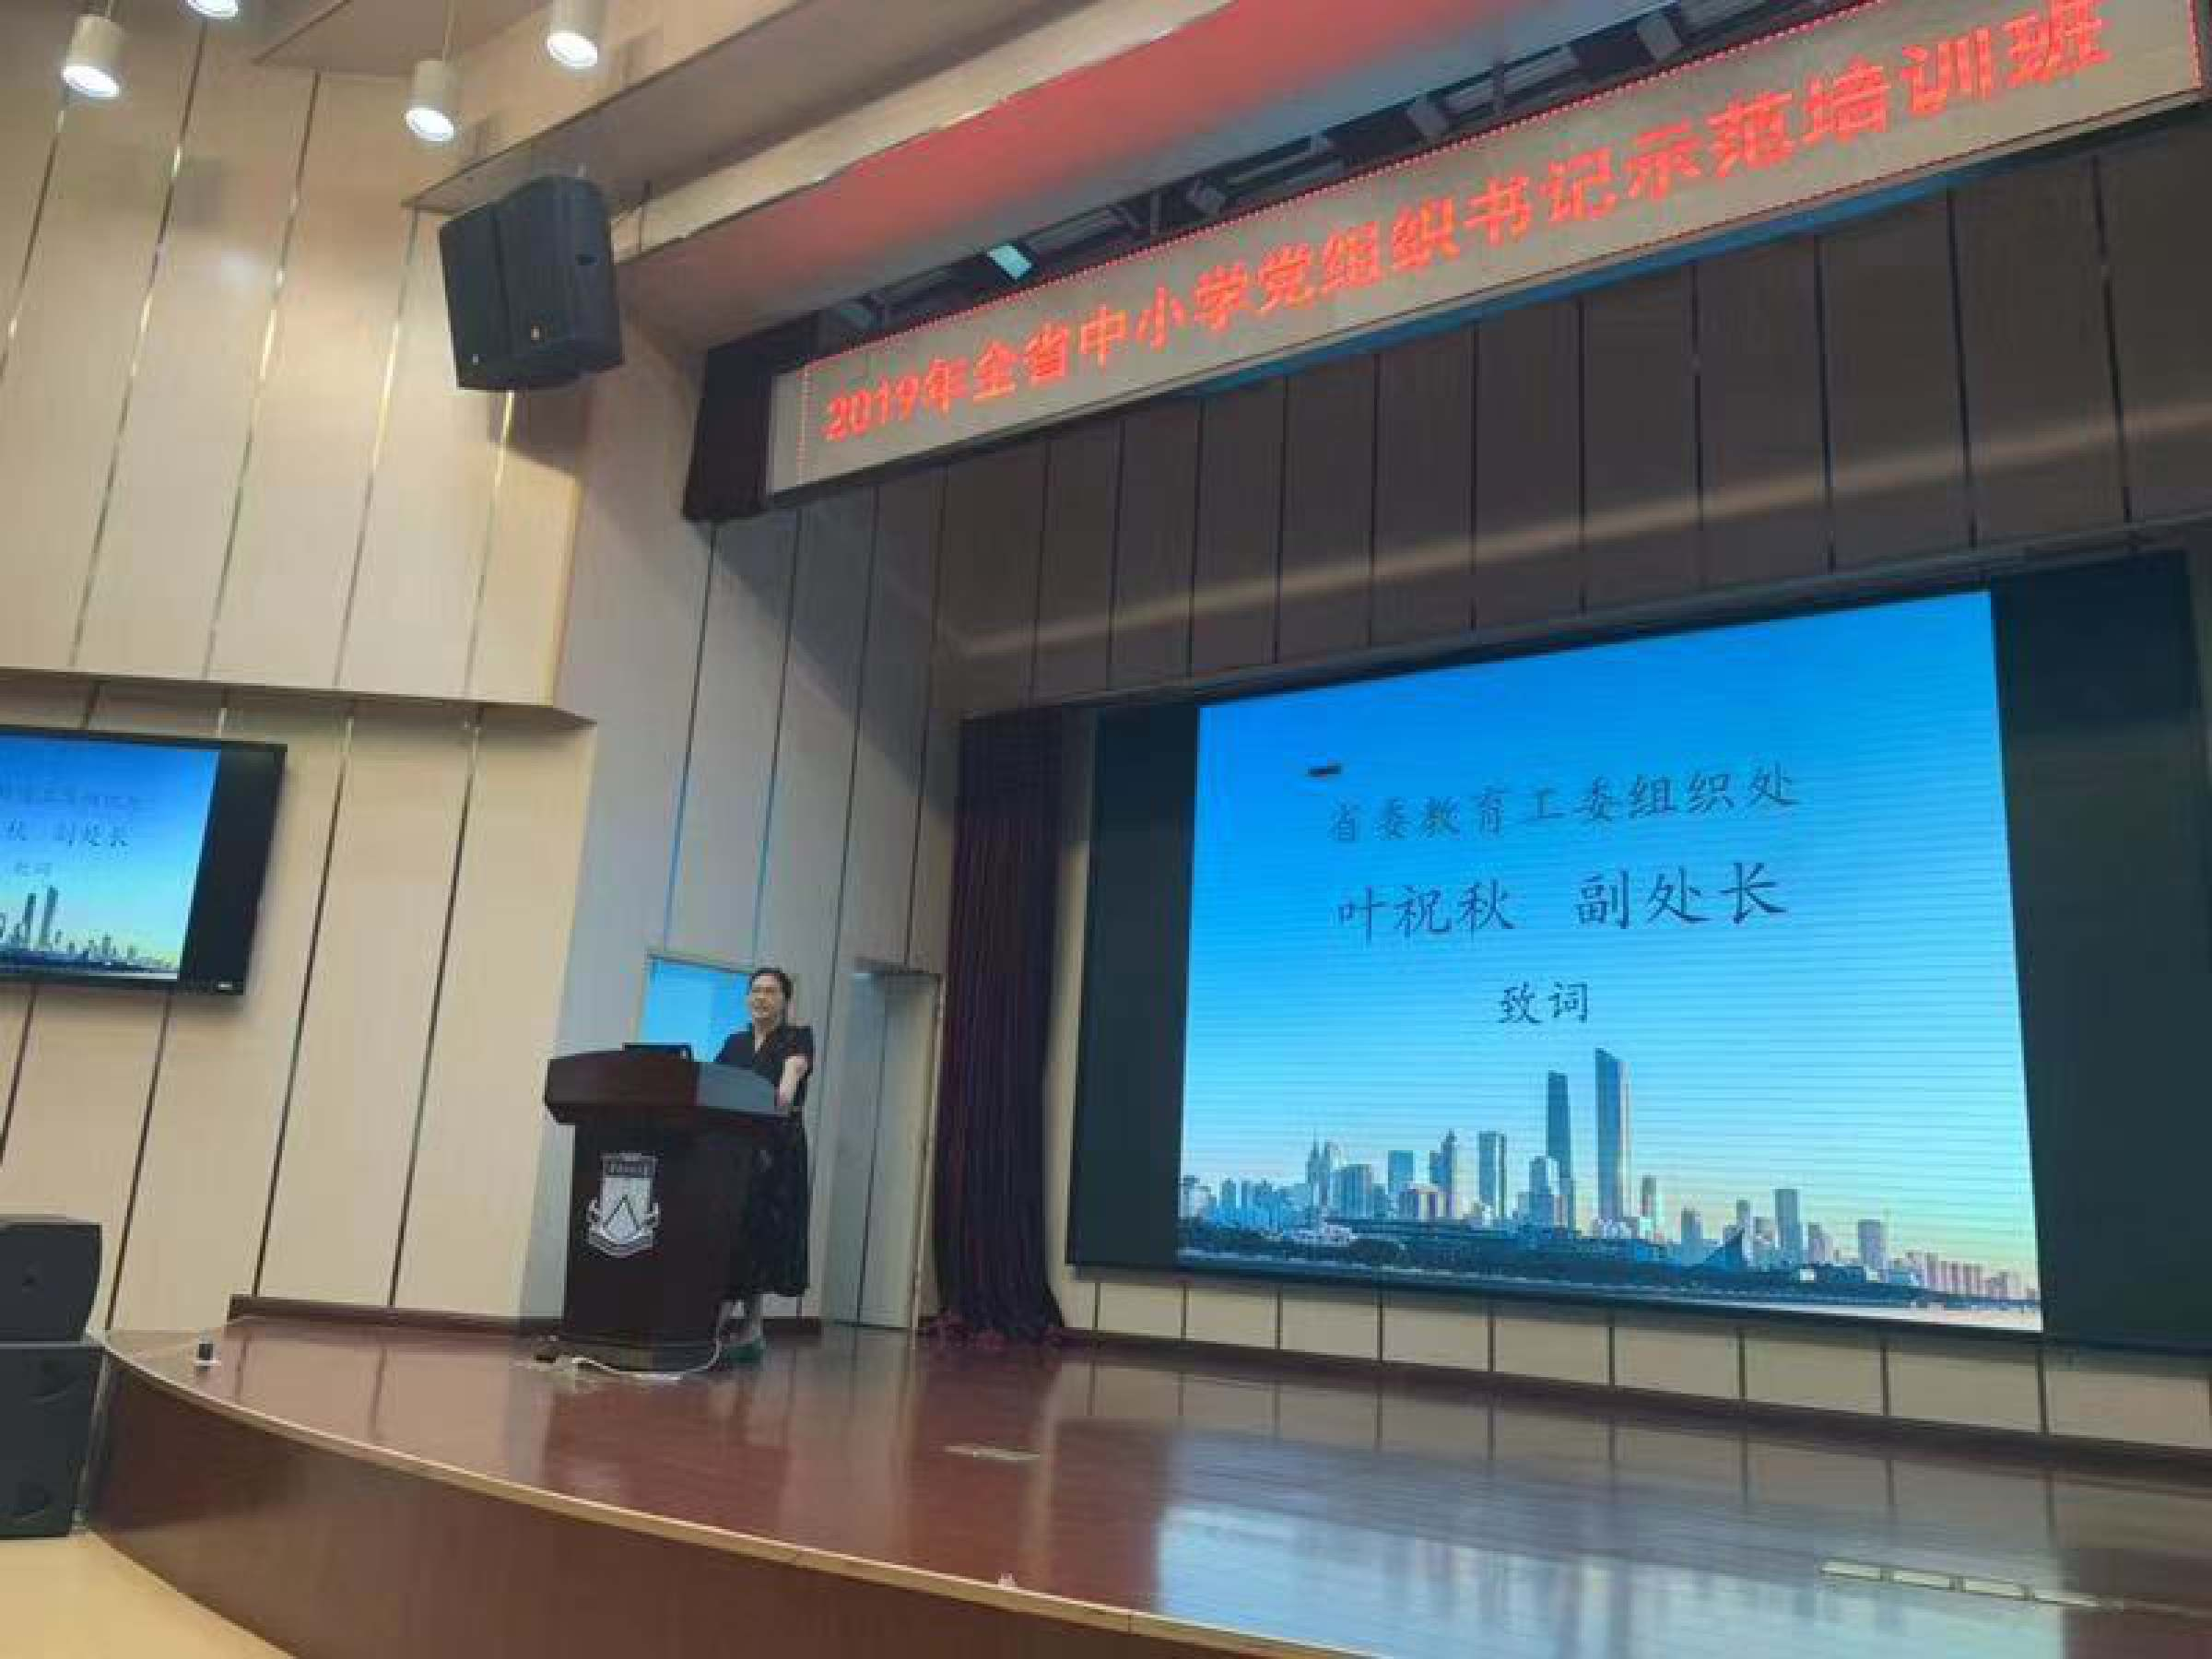 2019年全省中小学党组织书记培训示范班在我校举行开班典礼